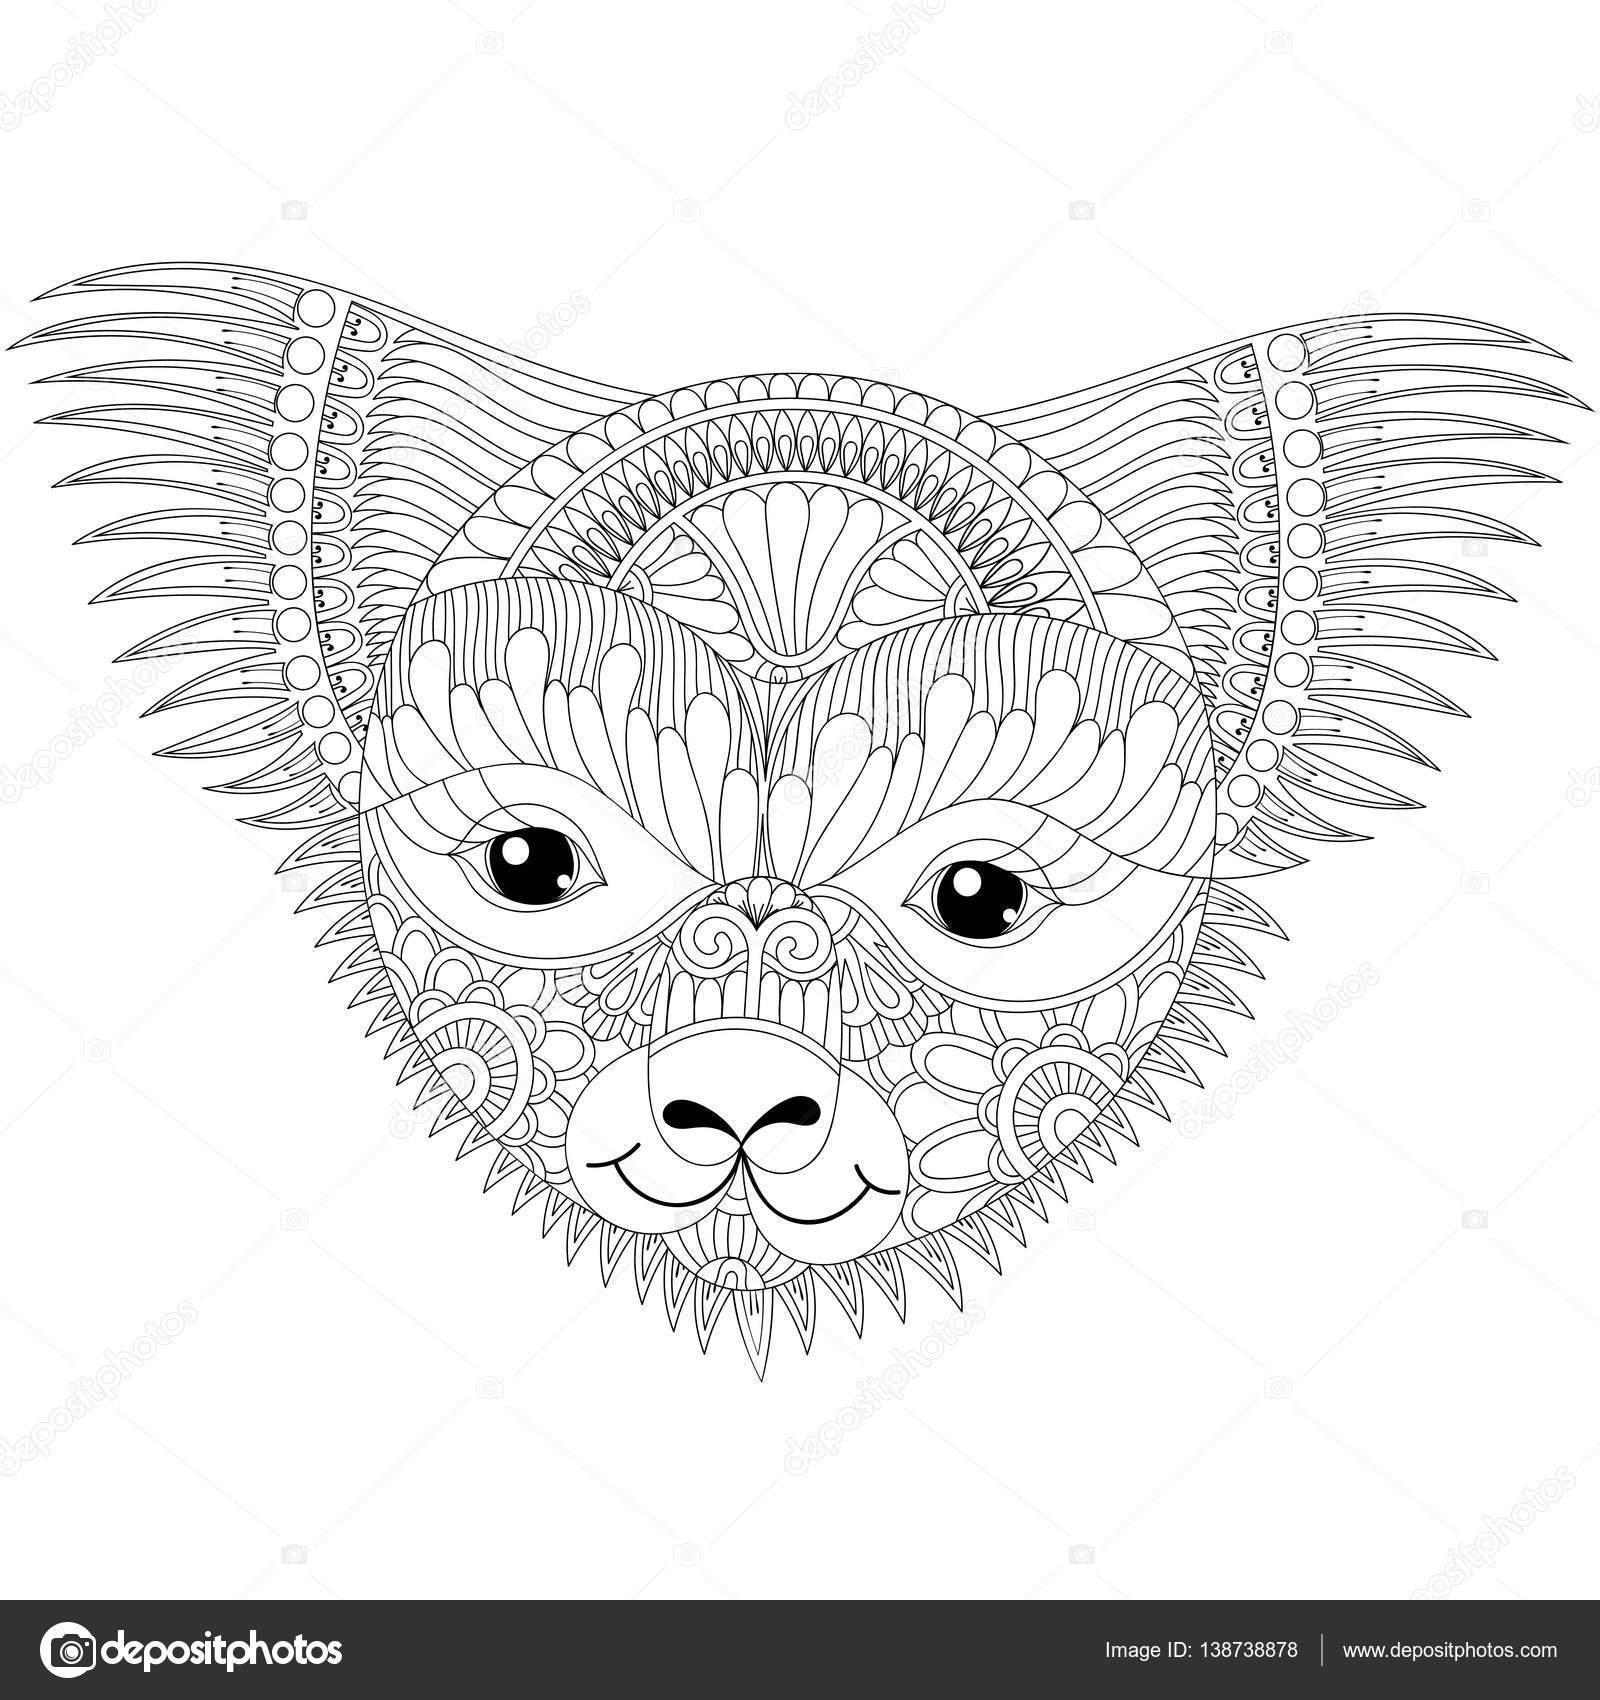 Coloriage Anti Stress Visage.Vector Zentangle Heureux Koala Sympathique Visage Pour